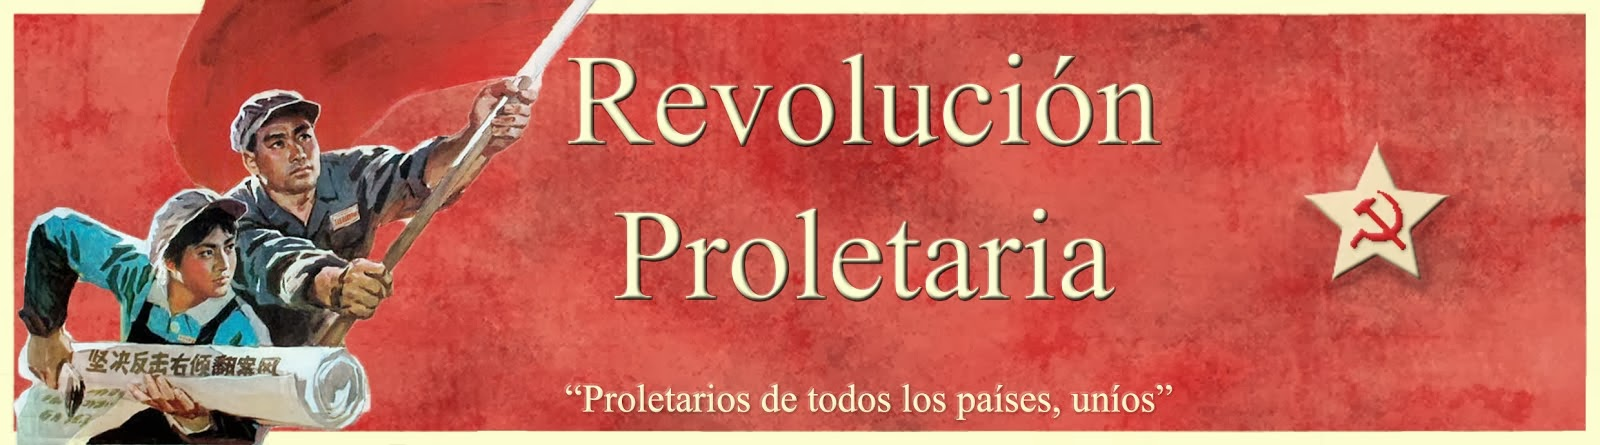 Revolución Proletaria